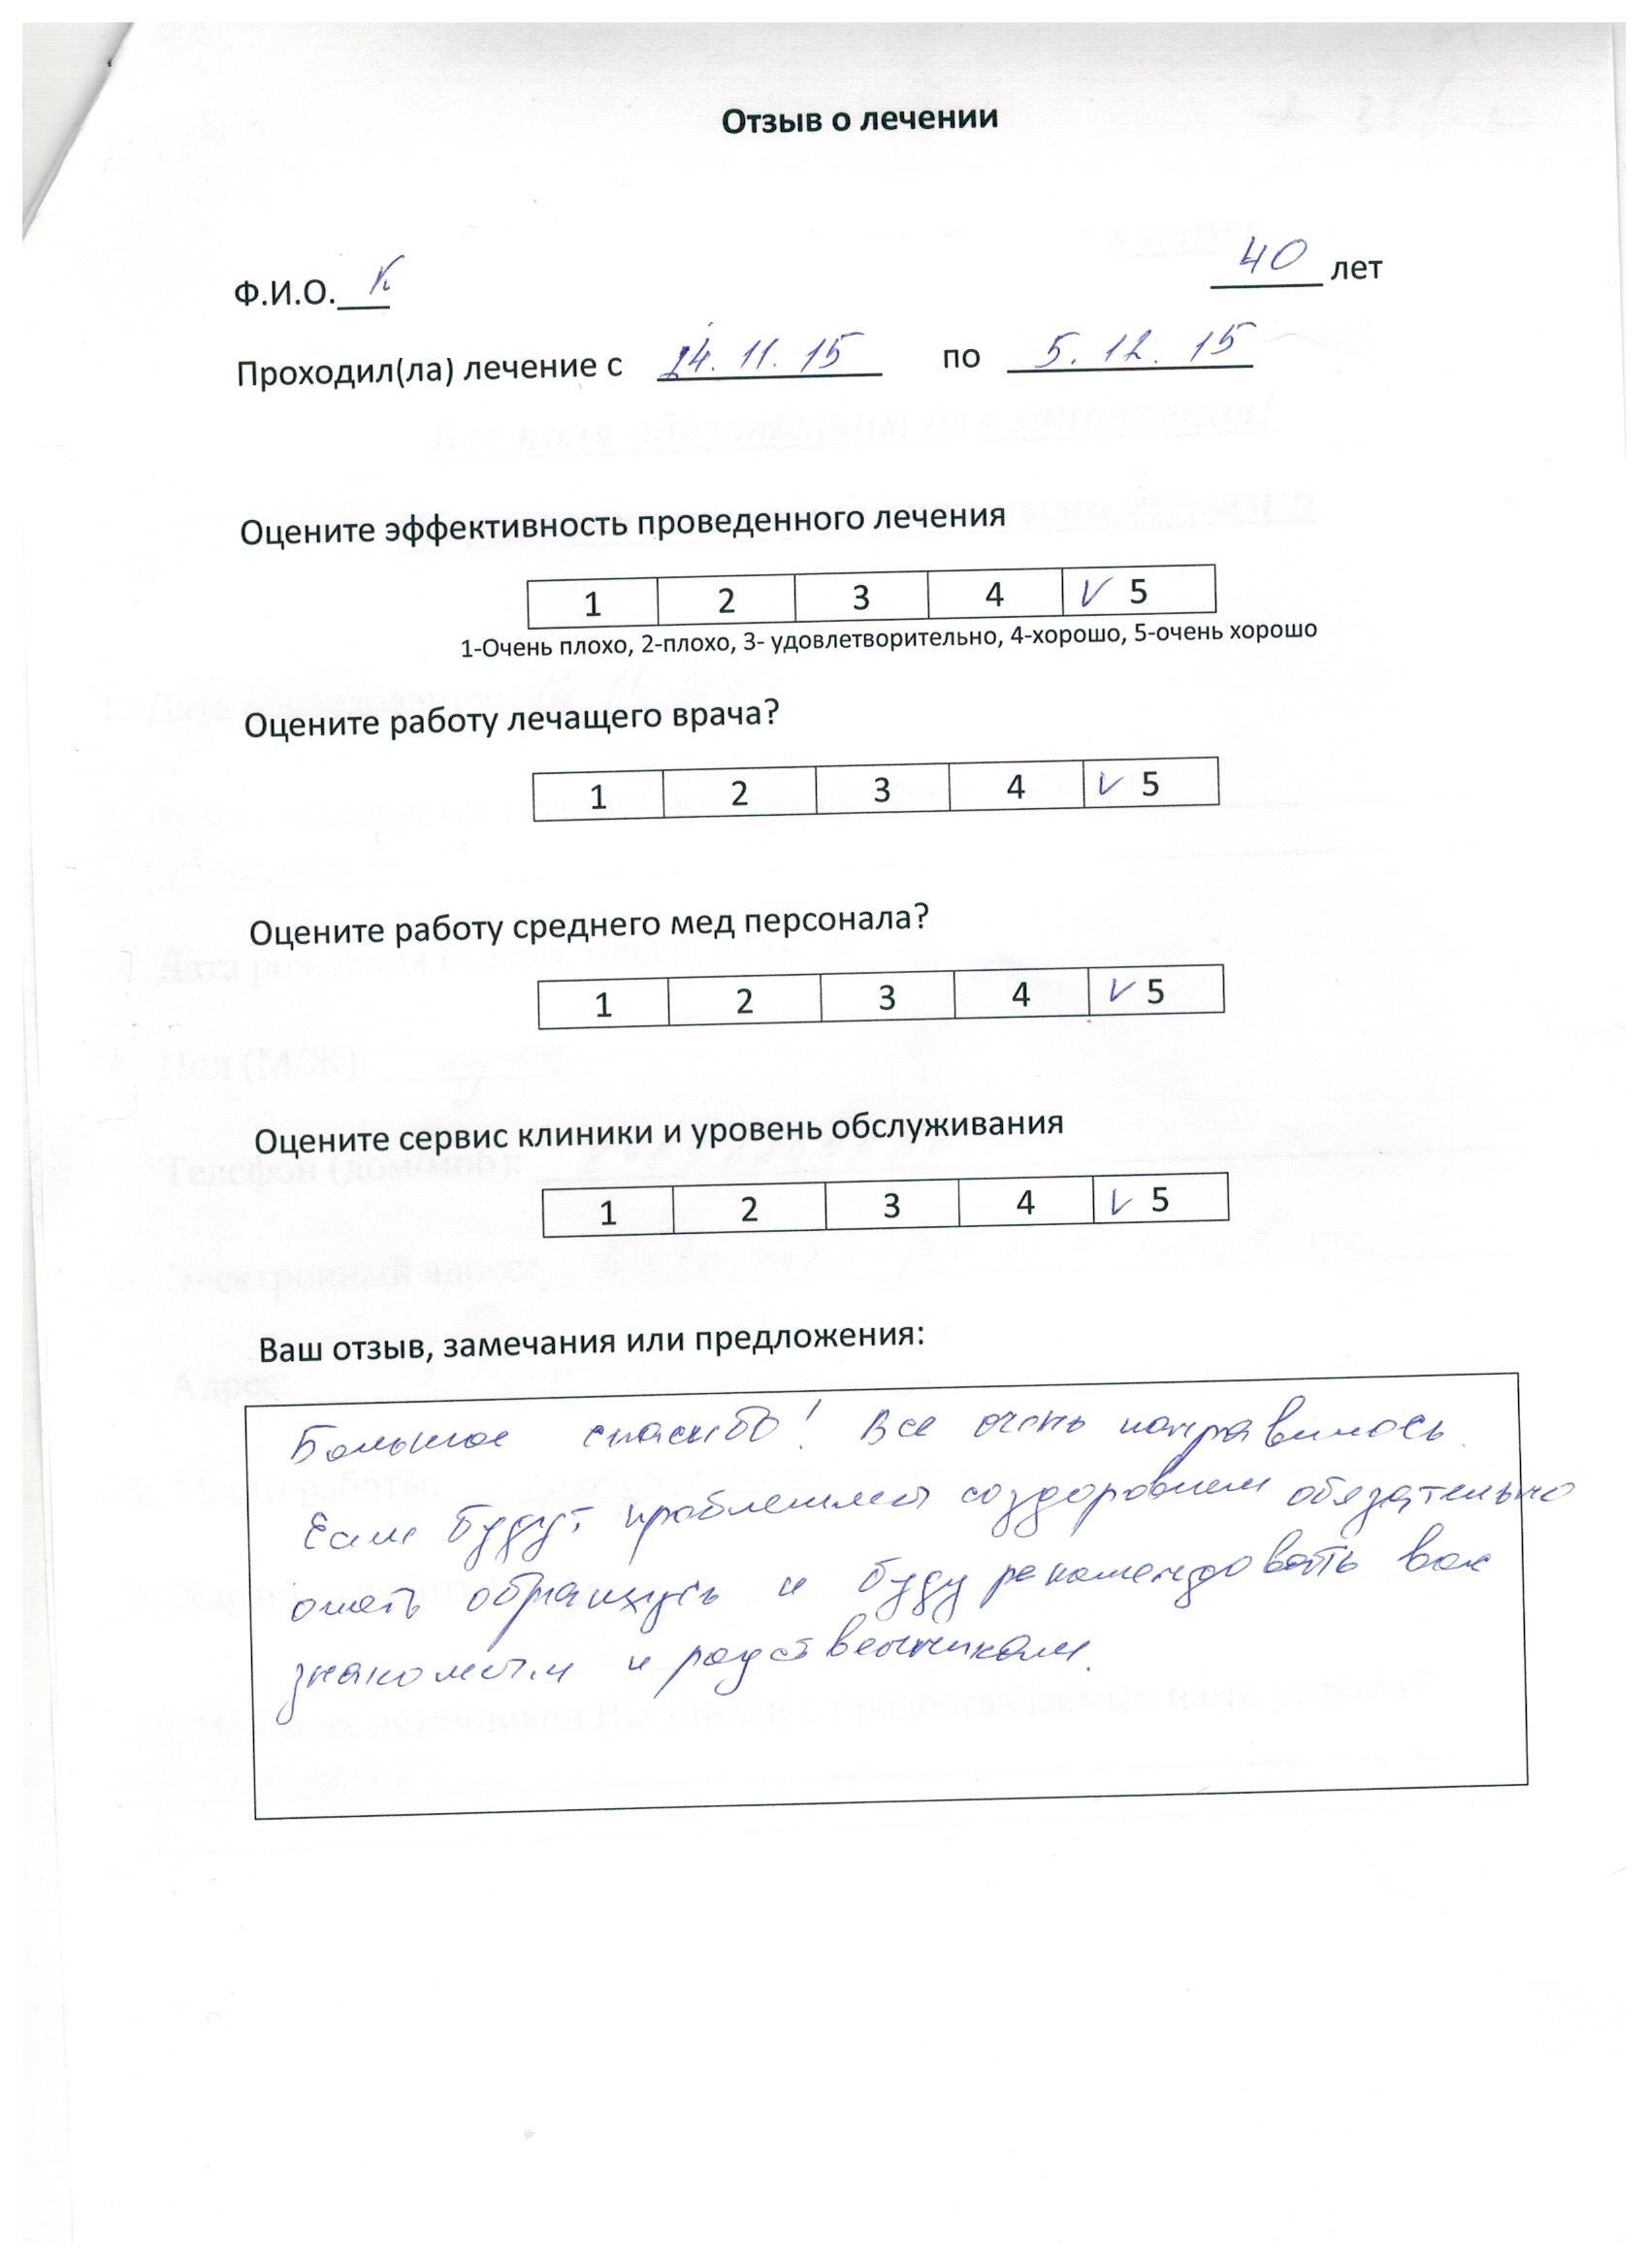 feedback_12